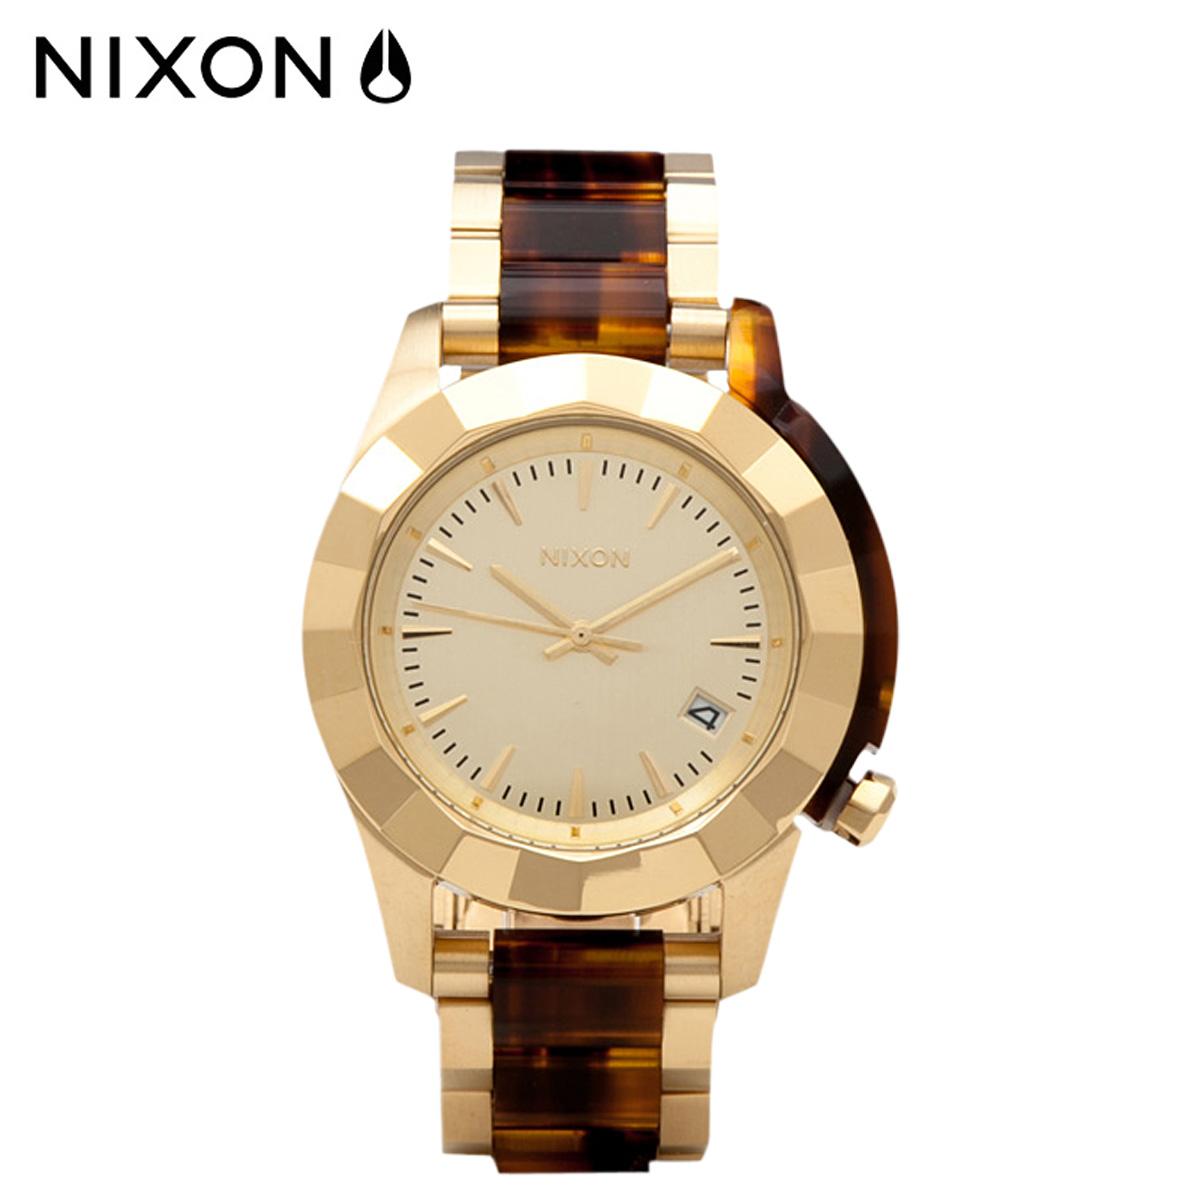 NIXON ニクソン 腕時計 38mm ウォッチ 時計 A288 ゴールド モラセス MONARCH メンズ レディース